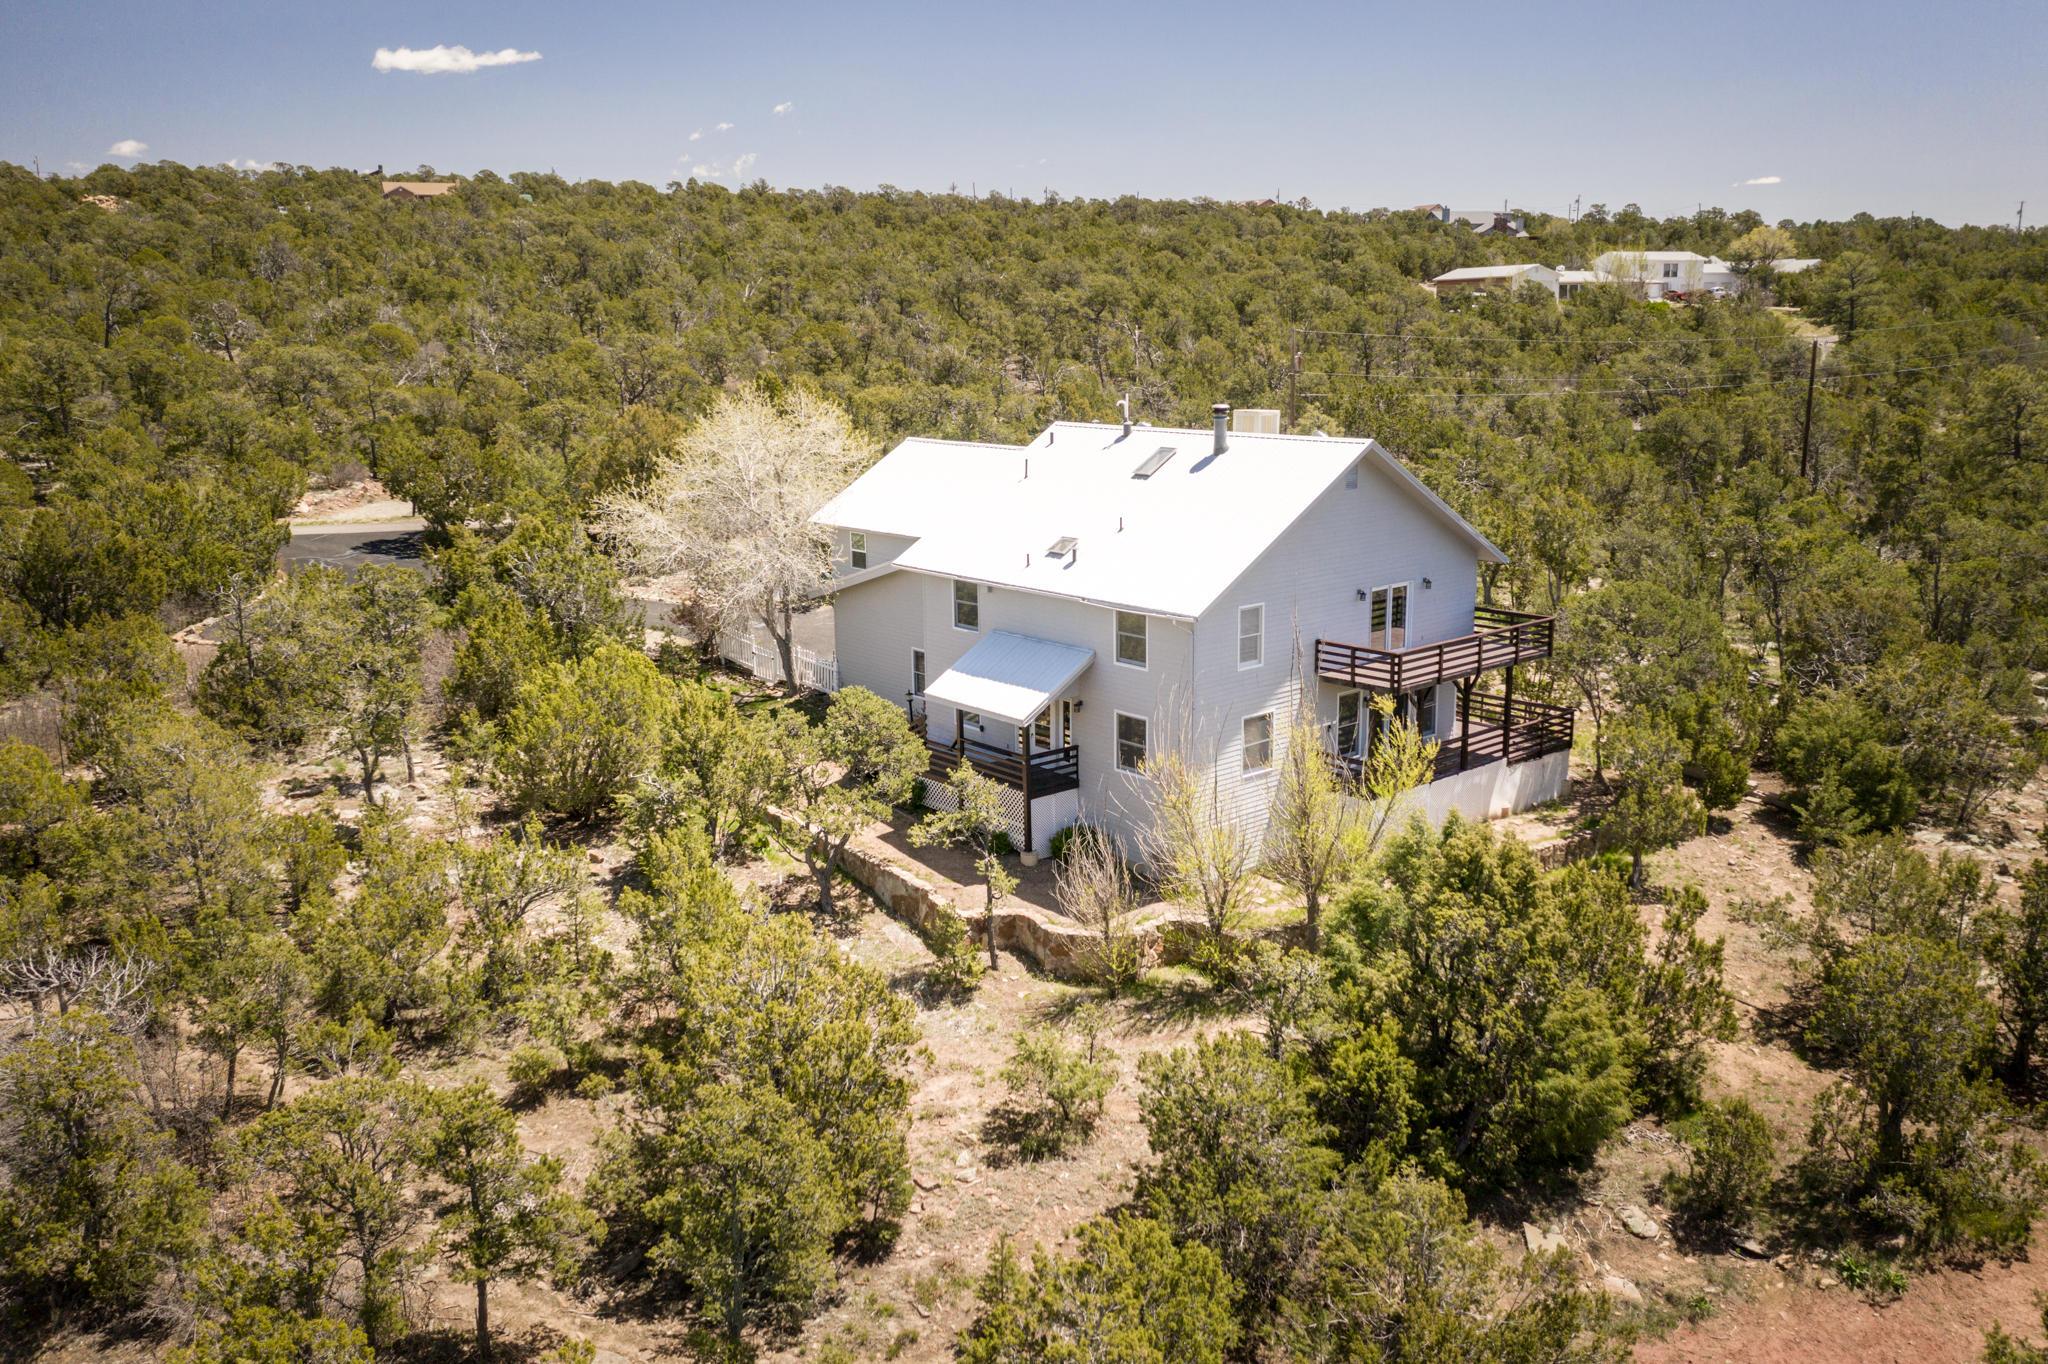 58 SANGRE DE CRISTO, Cedar Crest, NM 87008 - Cedar Crest, NM real estate listing